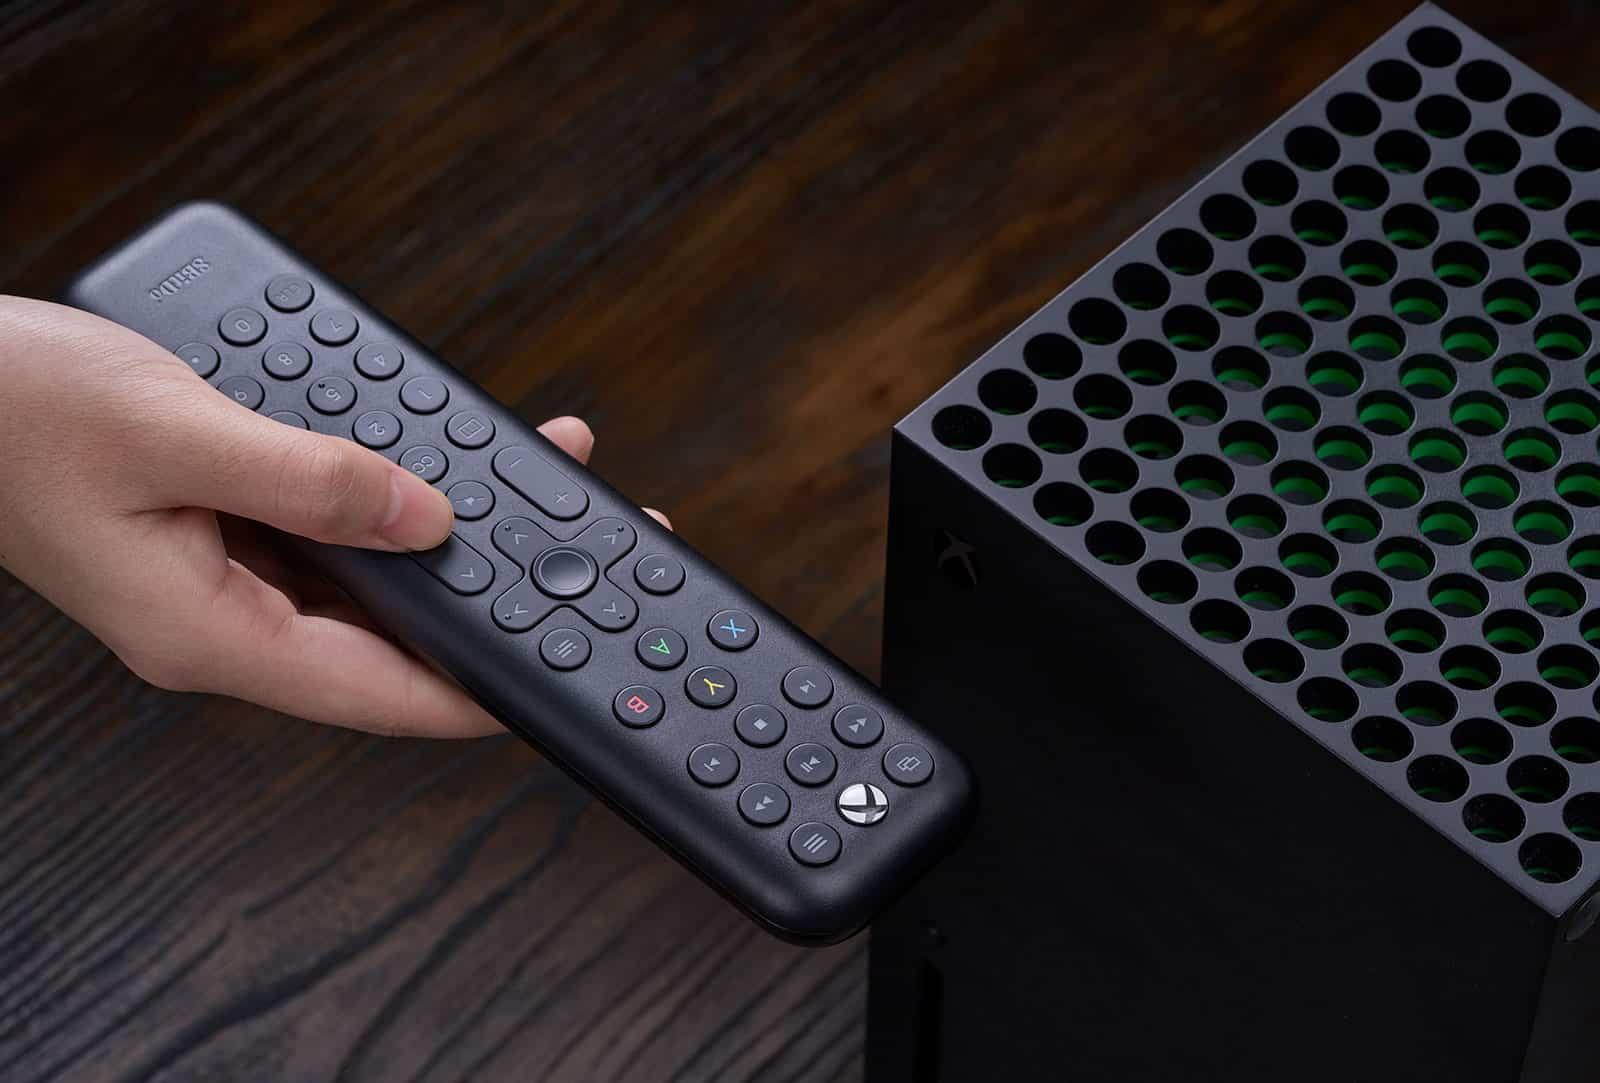 8BitDo Xbox Media Remotes 3